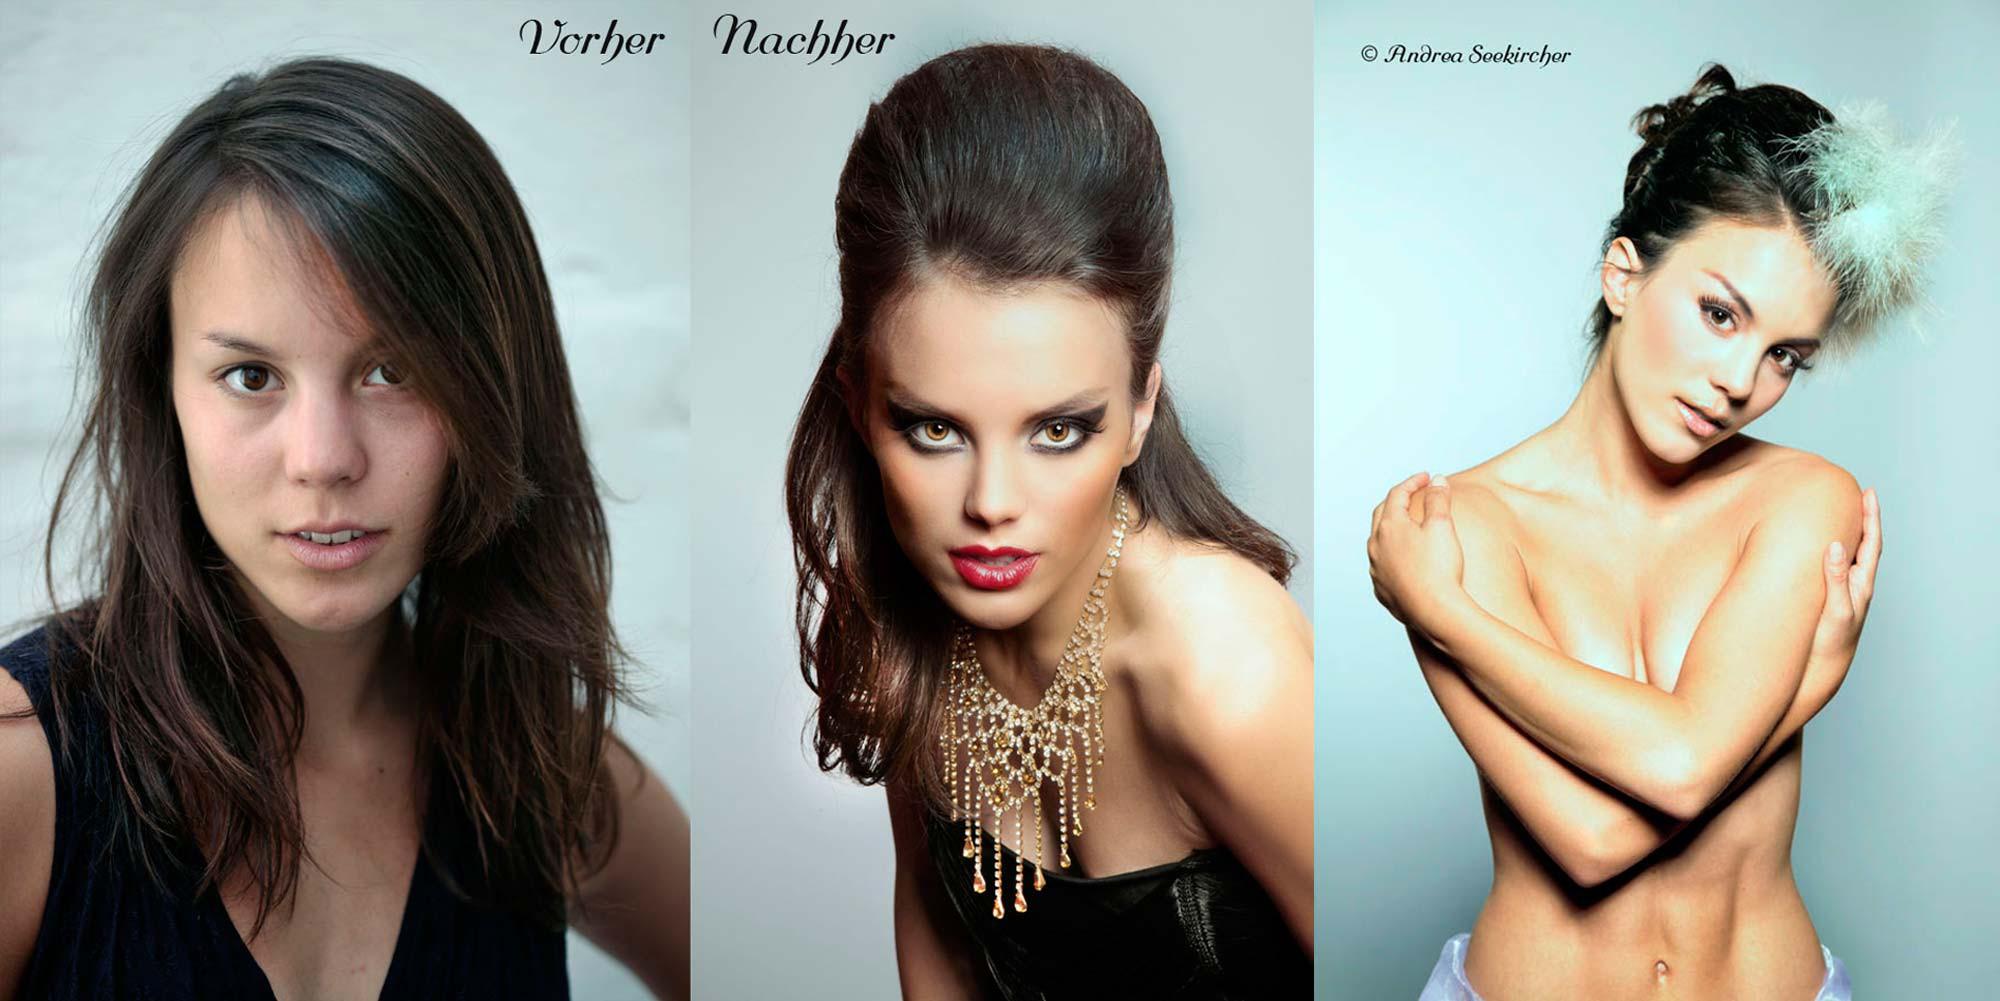 Vorher-Nachher-Glamour-Fashion